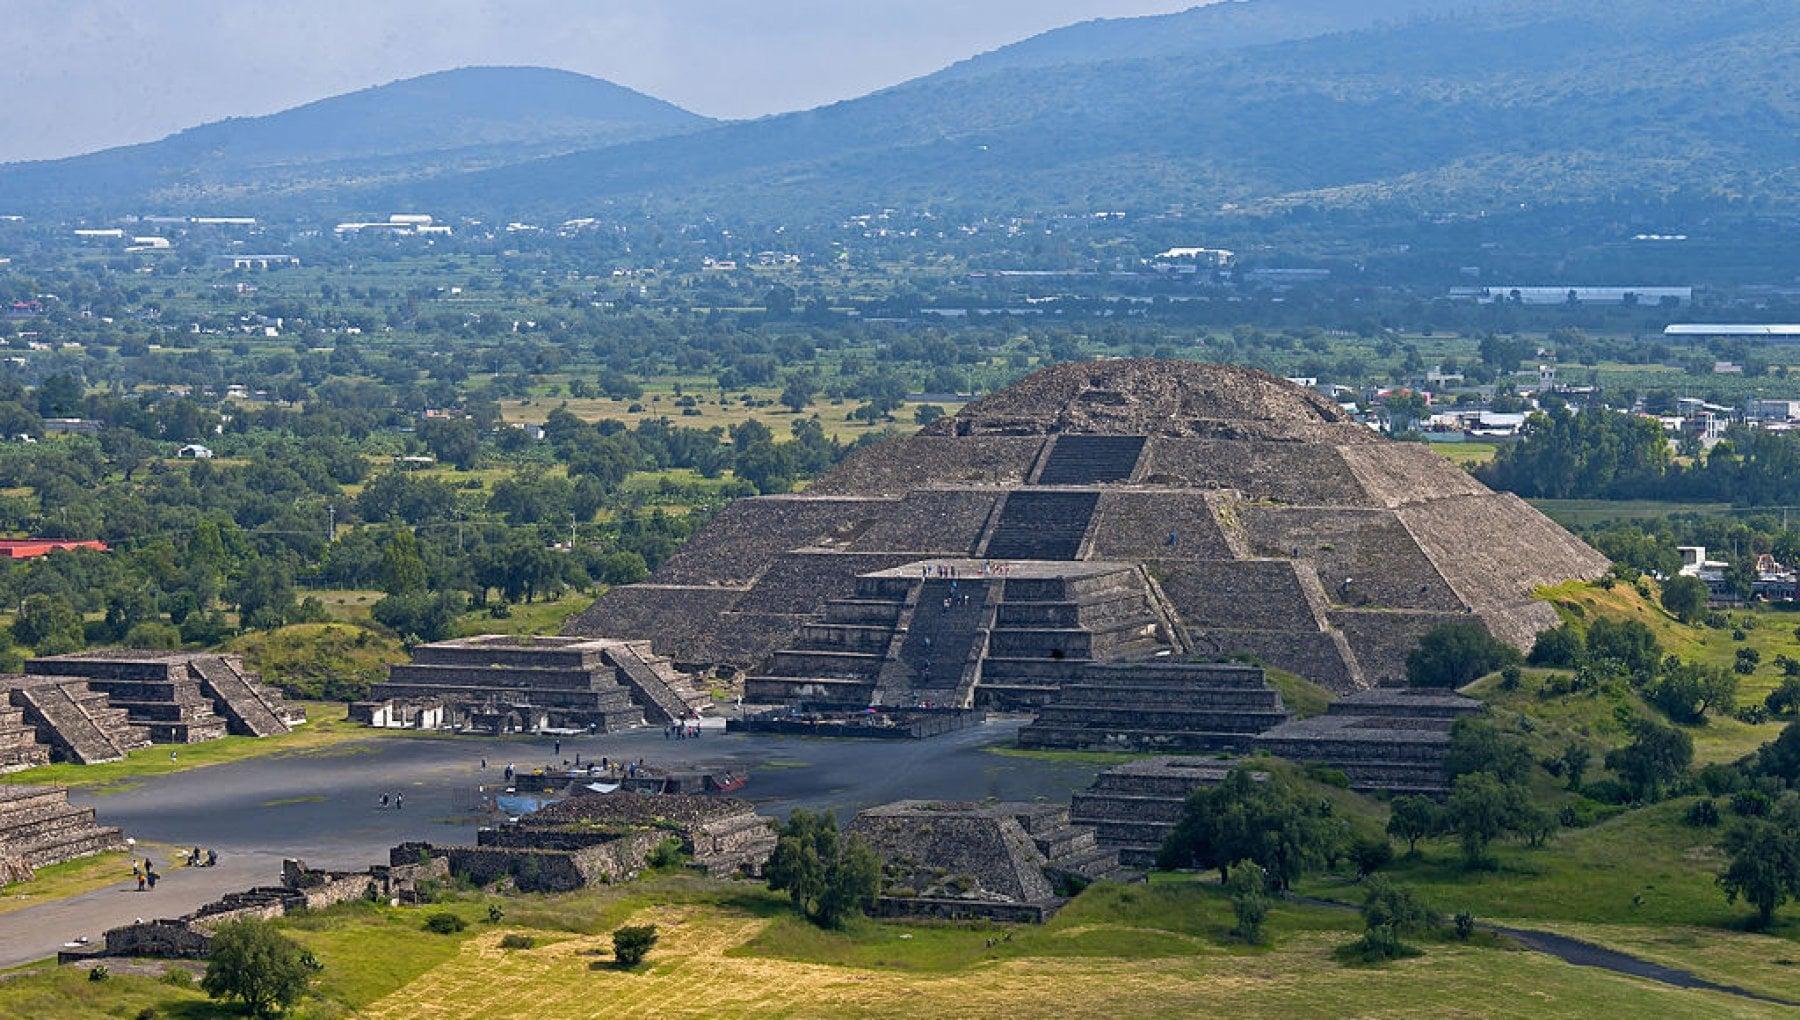 154304348 a4f08e6b 9c58 4227 b048 0e81487390df - Messico, il governo ferma lo scempio di Teotihuacán: volevano costruire un parco divertimenti sotto le piramidi